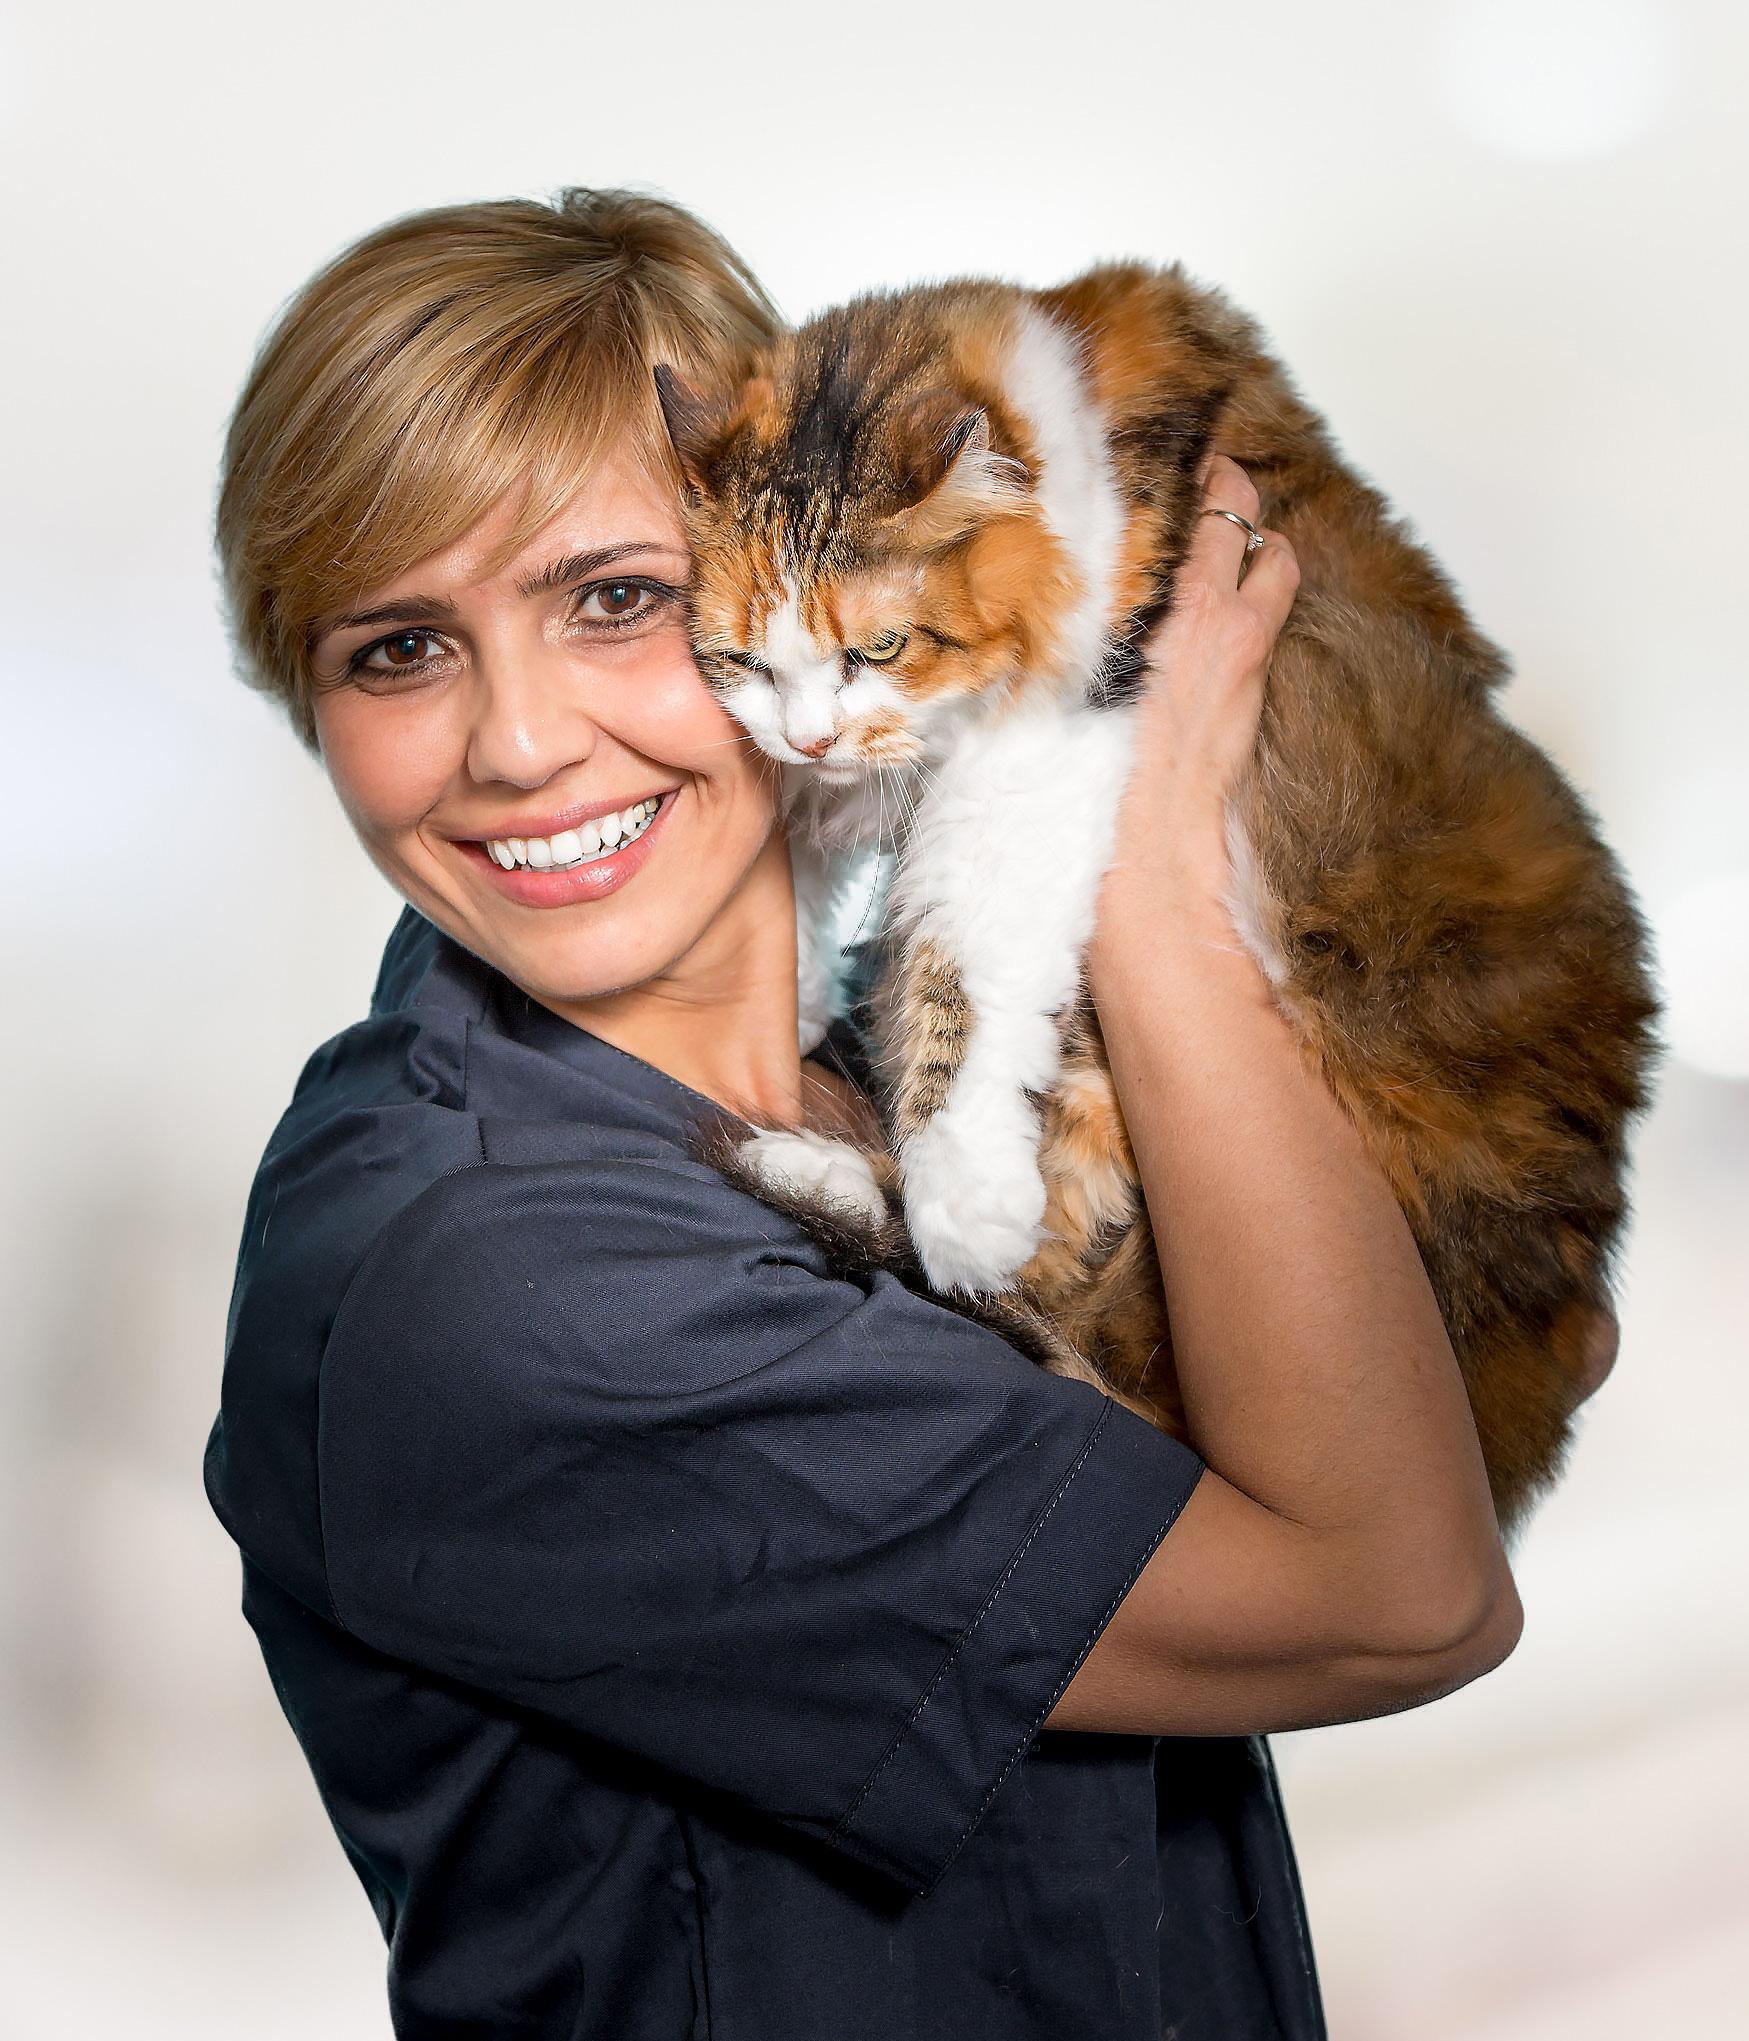 dott.ssa Giulia Merlo - socio clinica veterinaria San Michele